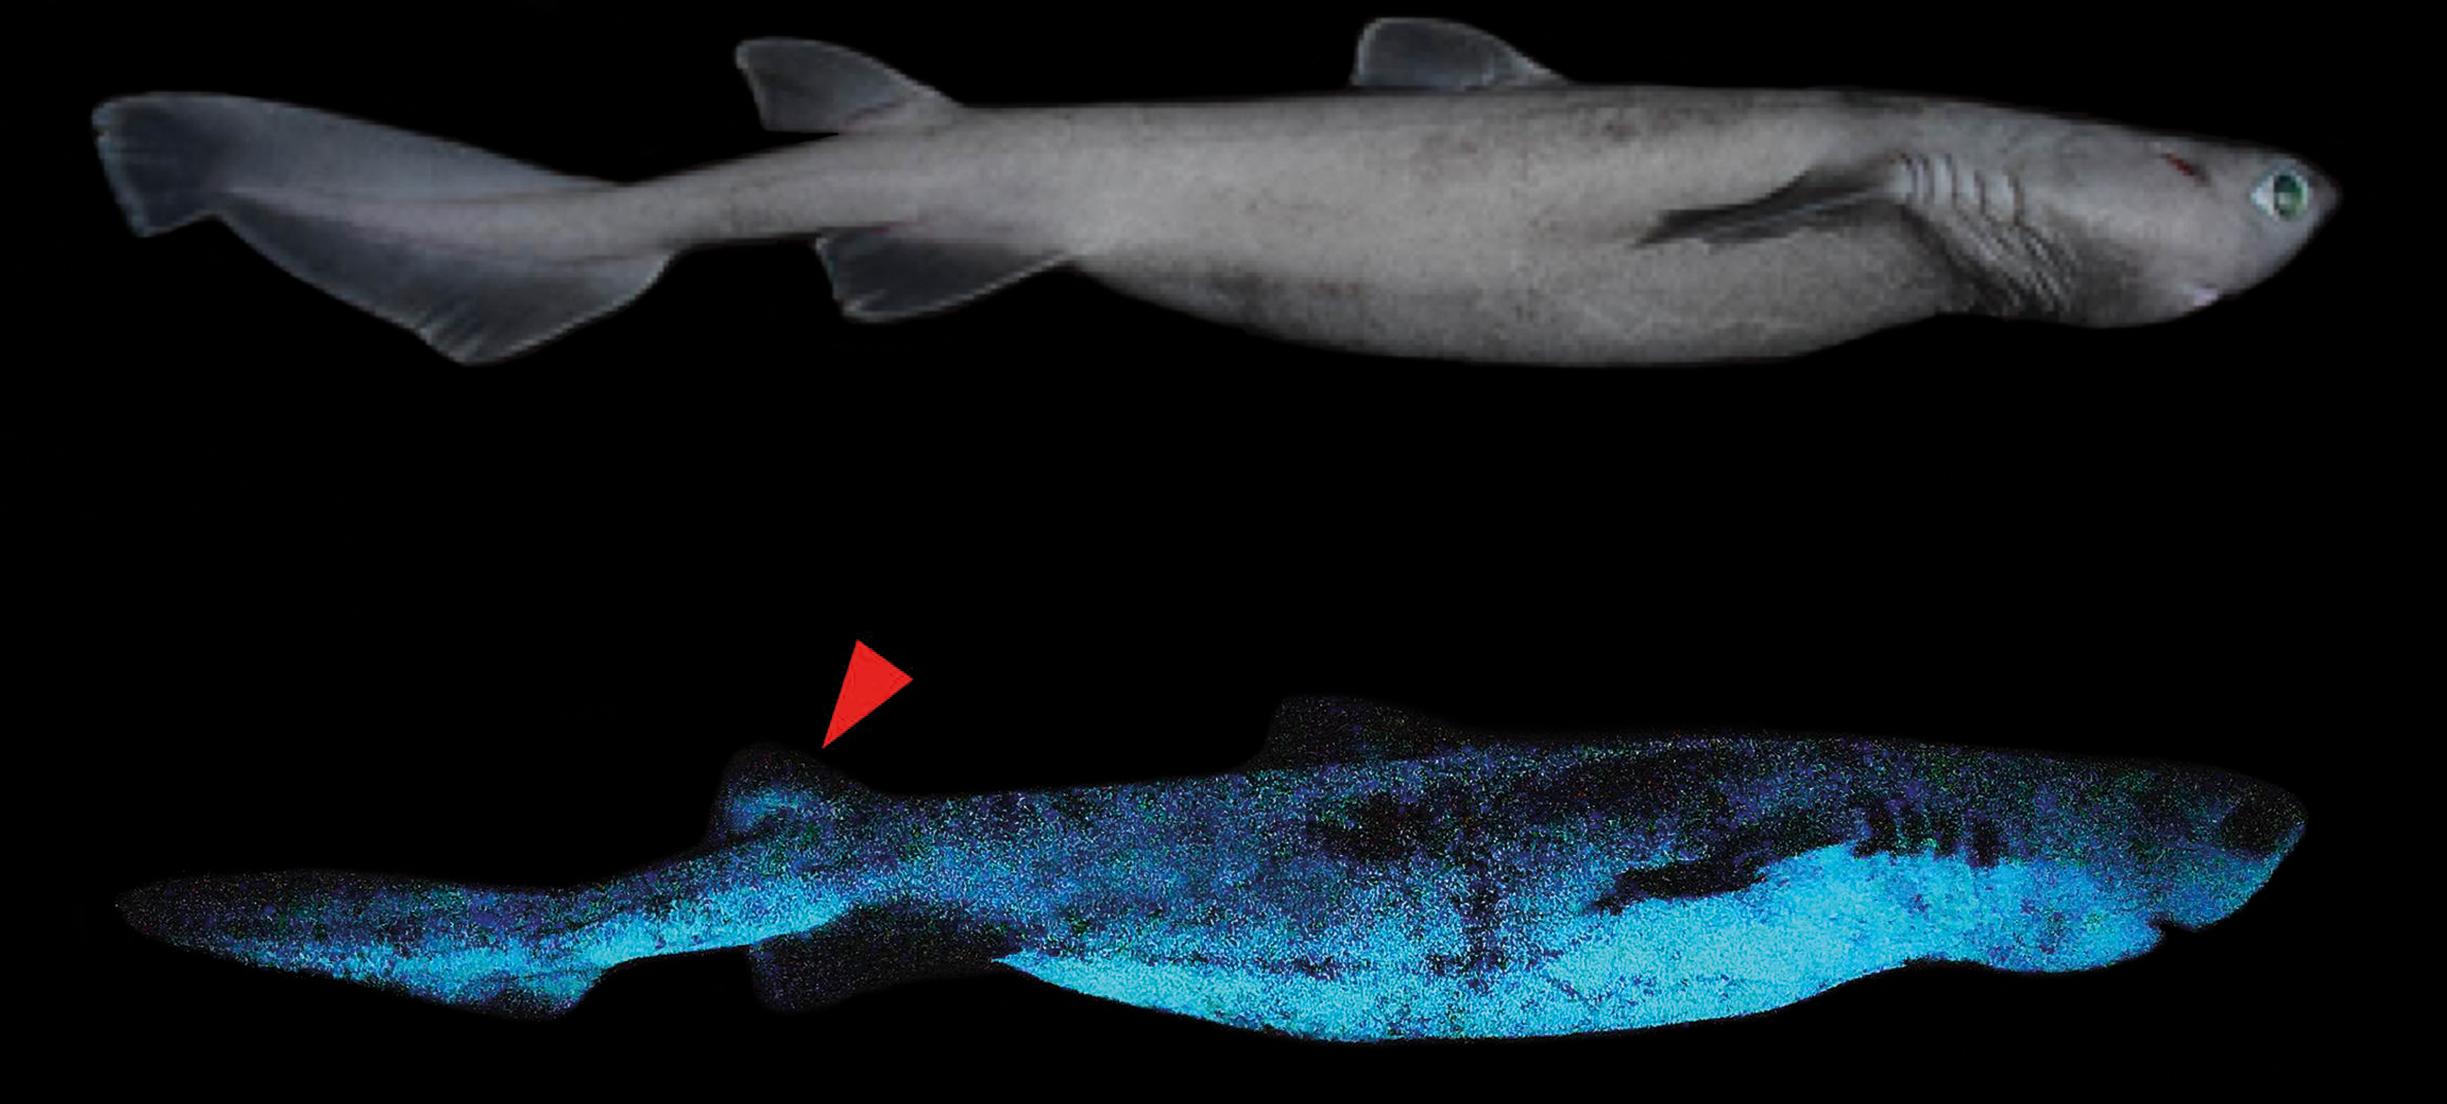 De dag in vooruitgang: Onderzoekers ontdekken lichtgevende haaien, en meer